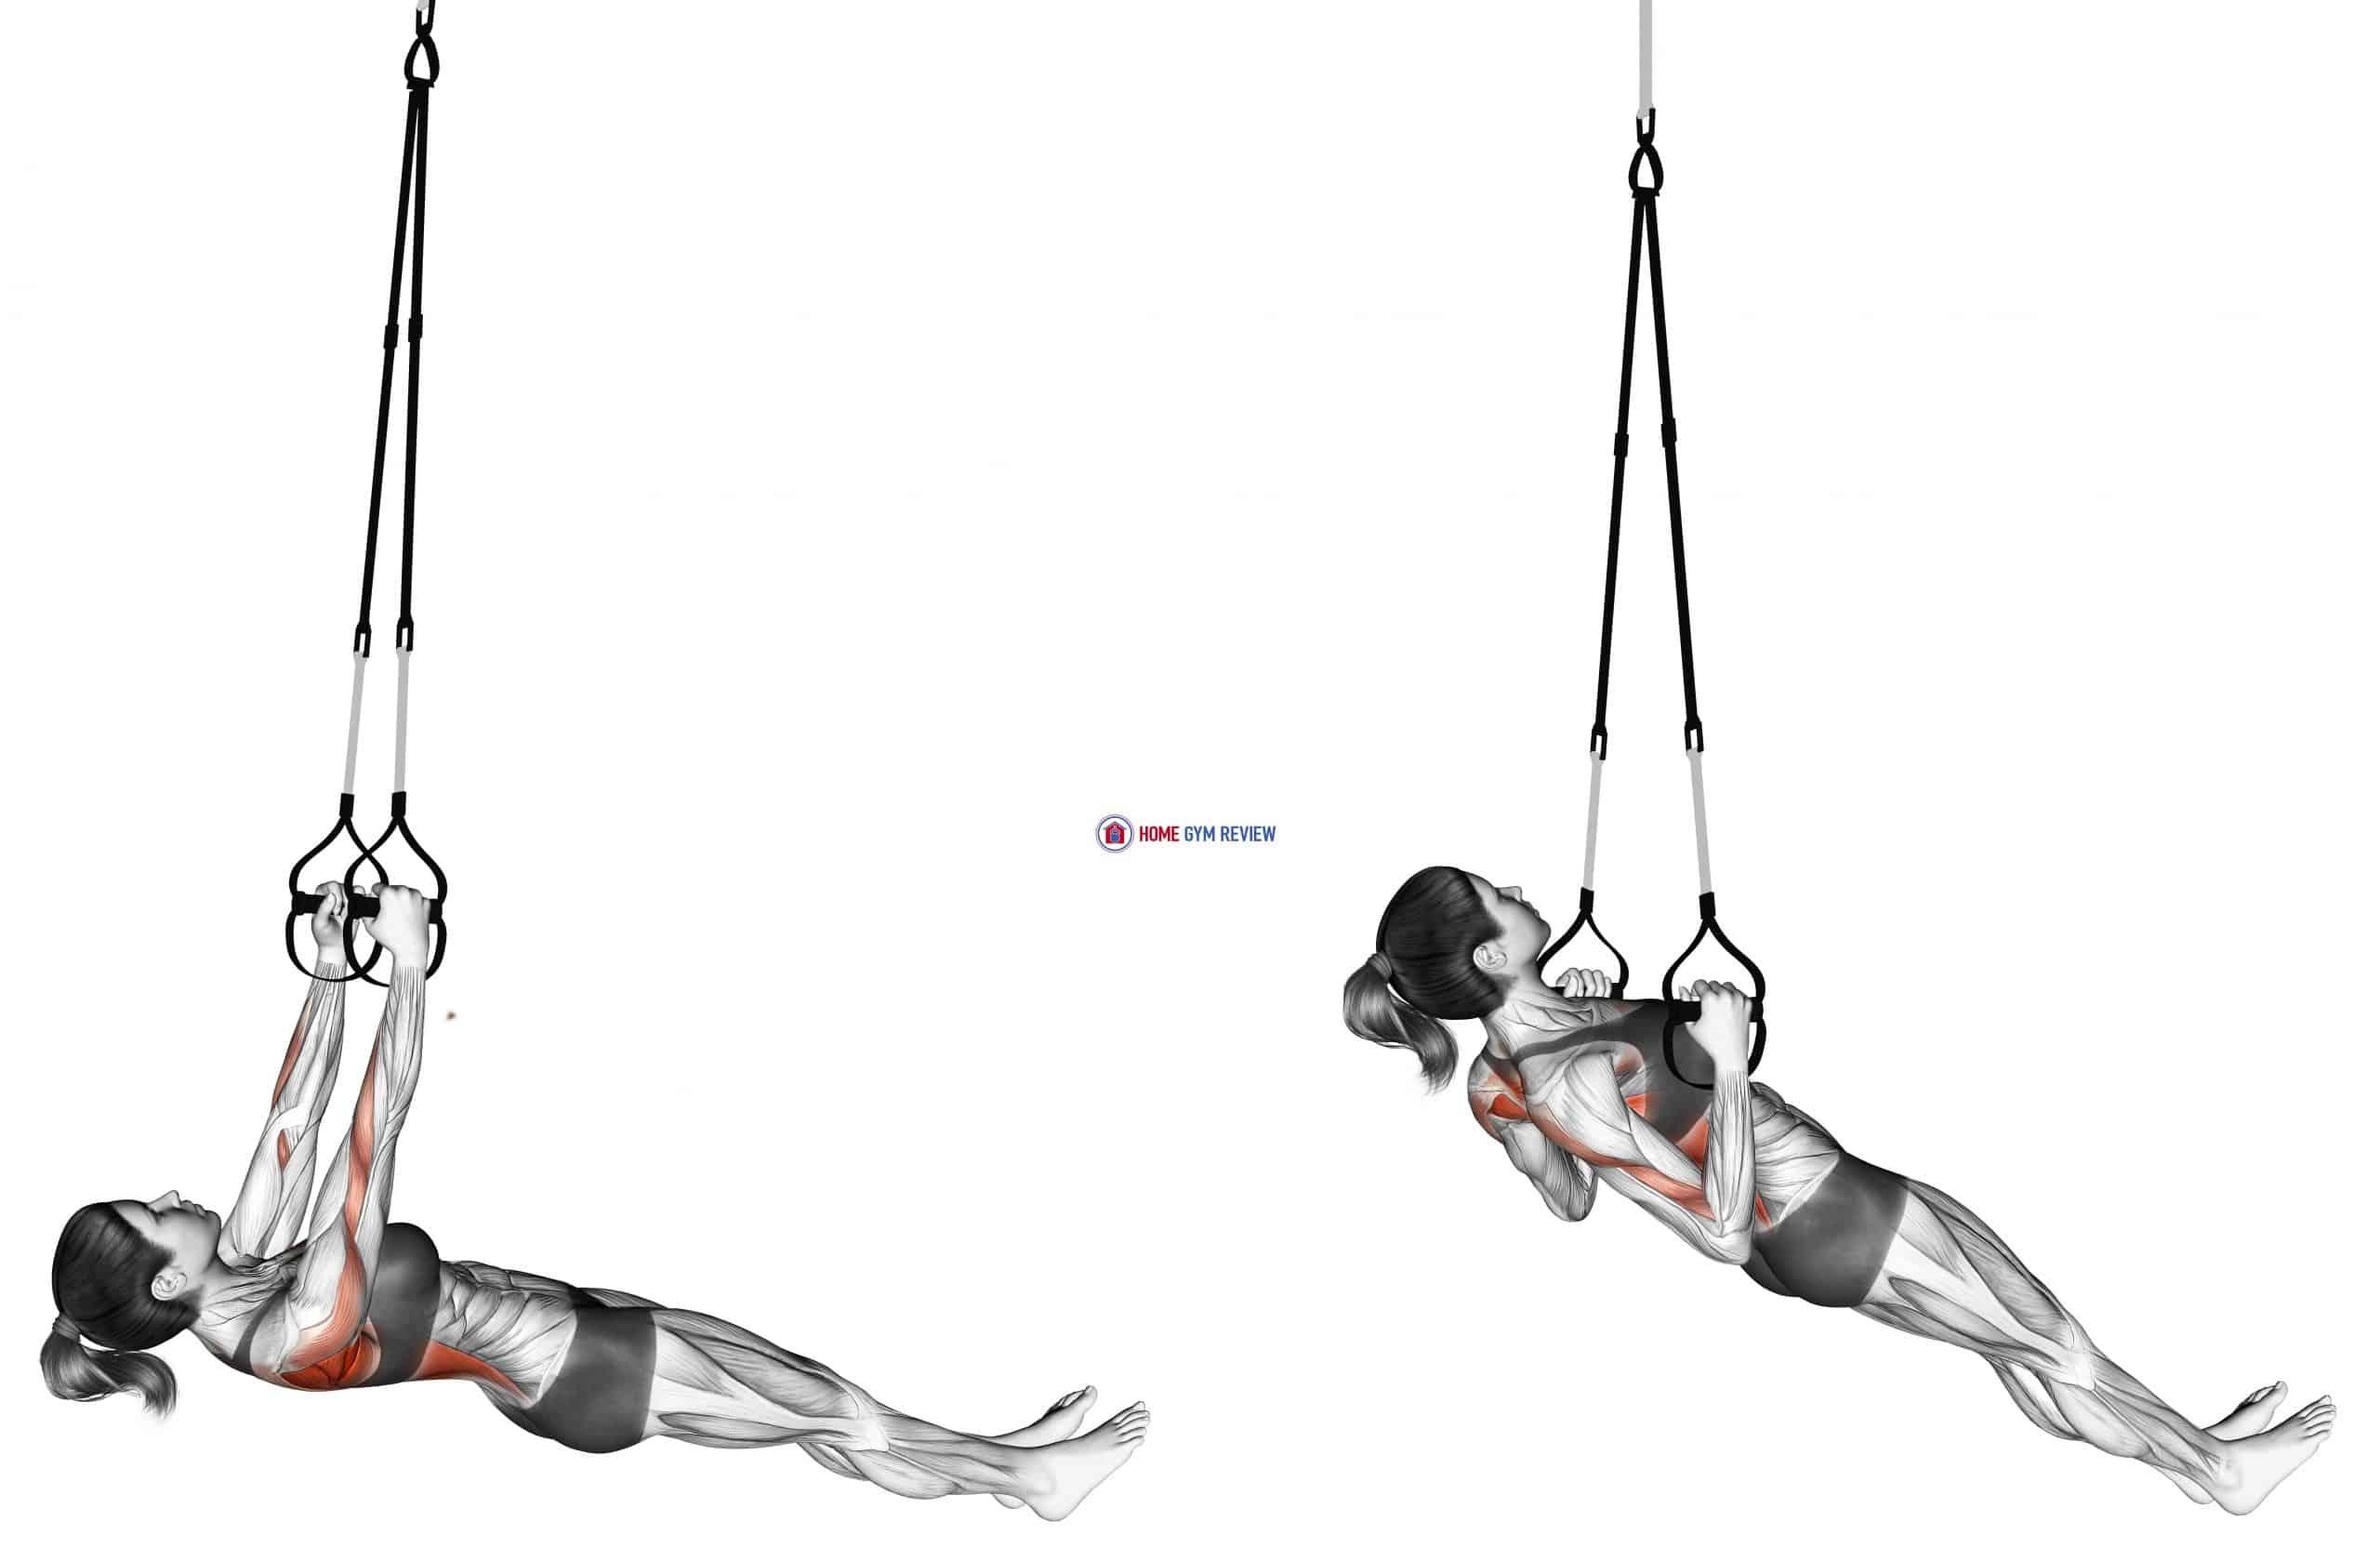 Suspension Inverted Row